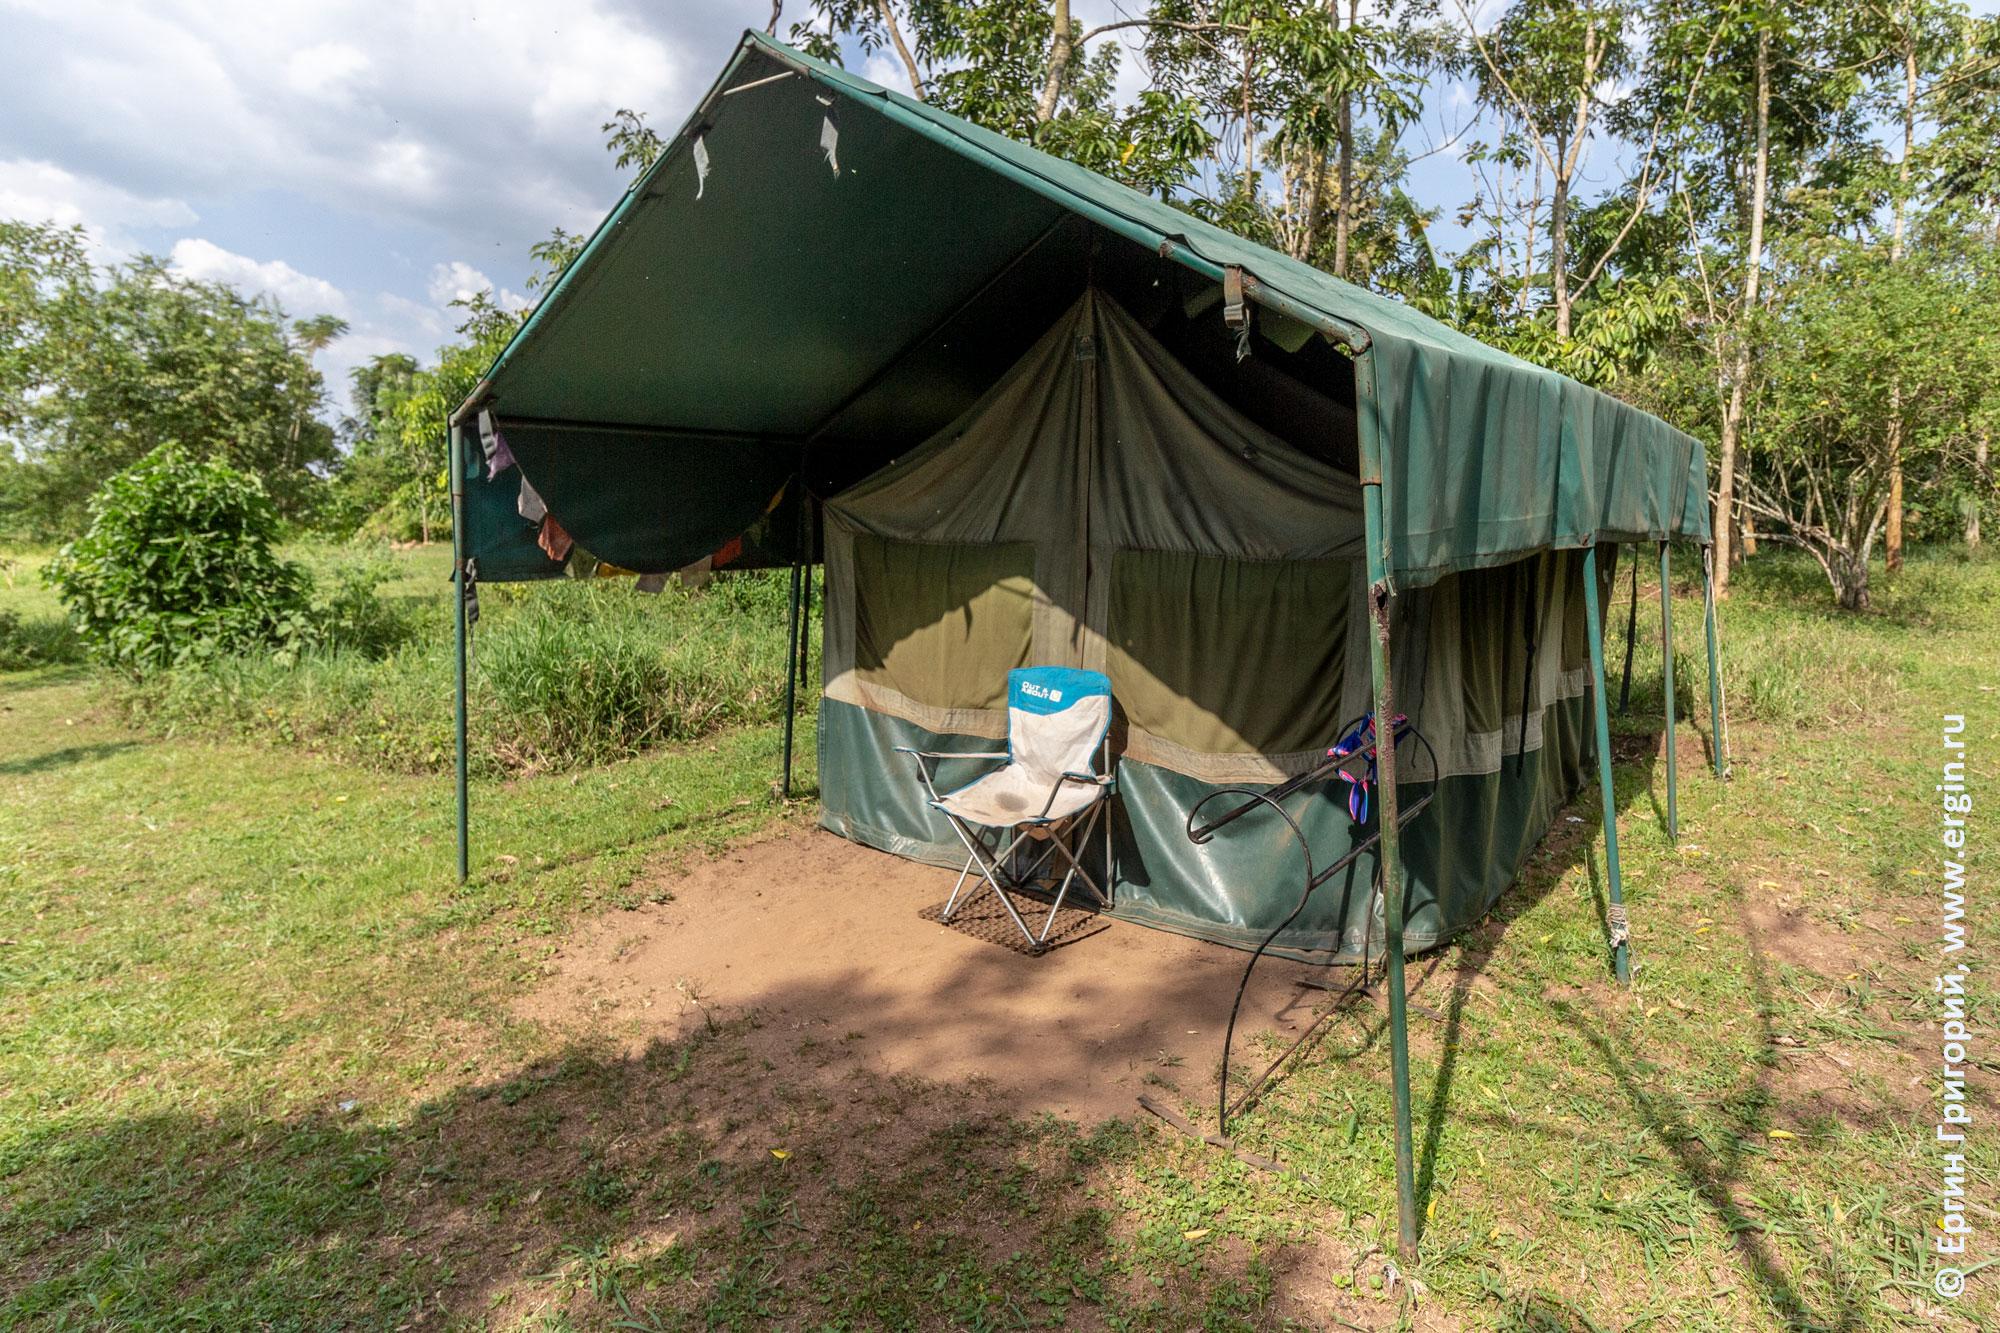 Сафари тент Африка Уганда